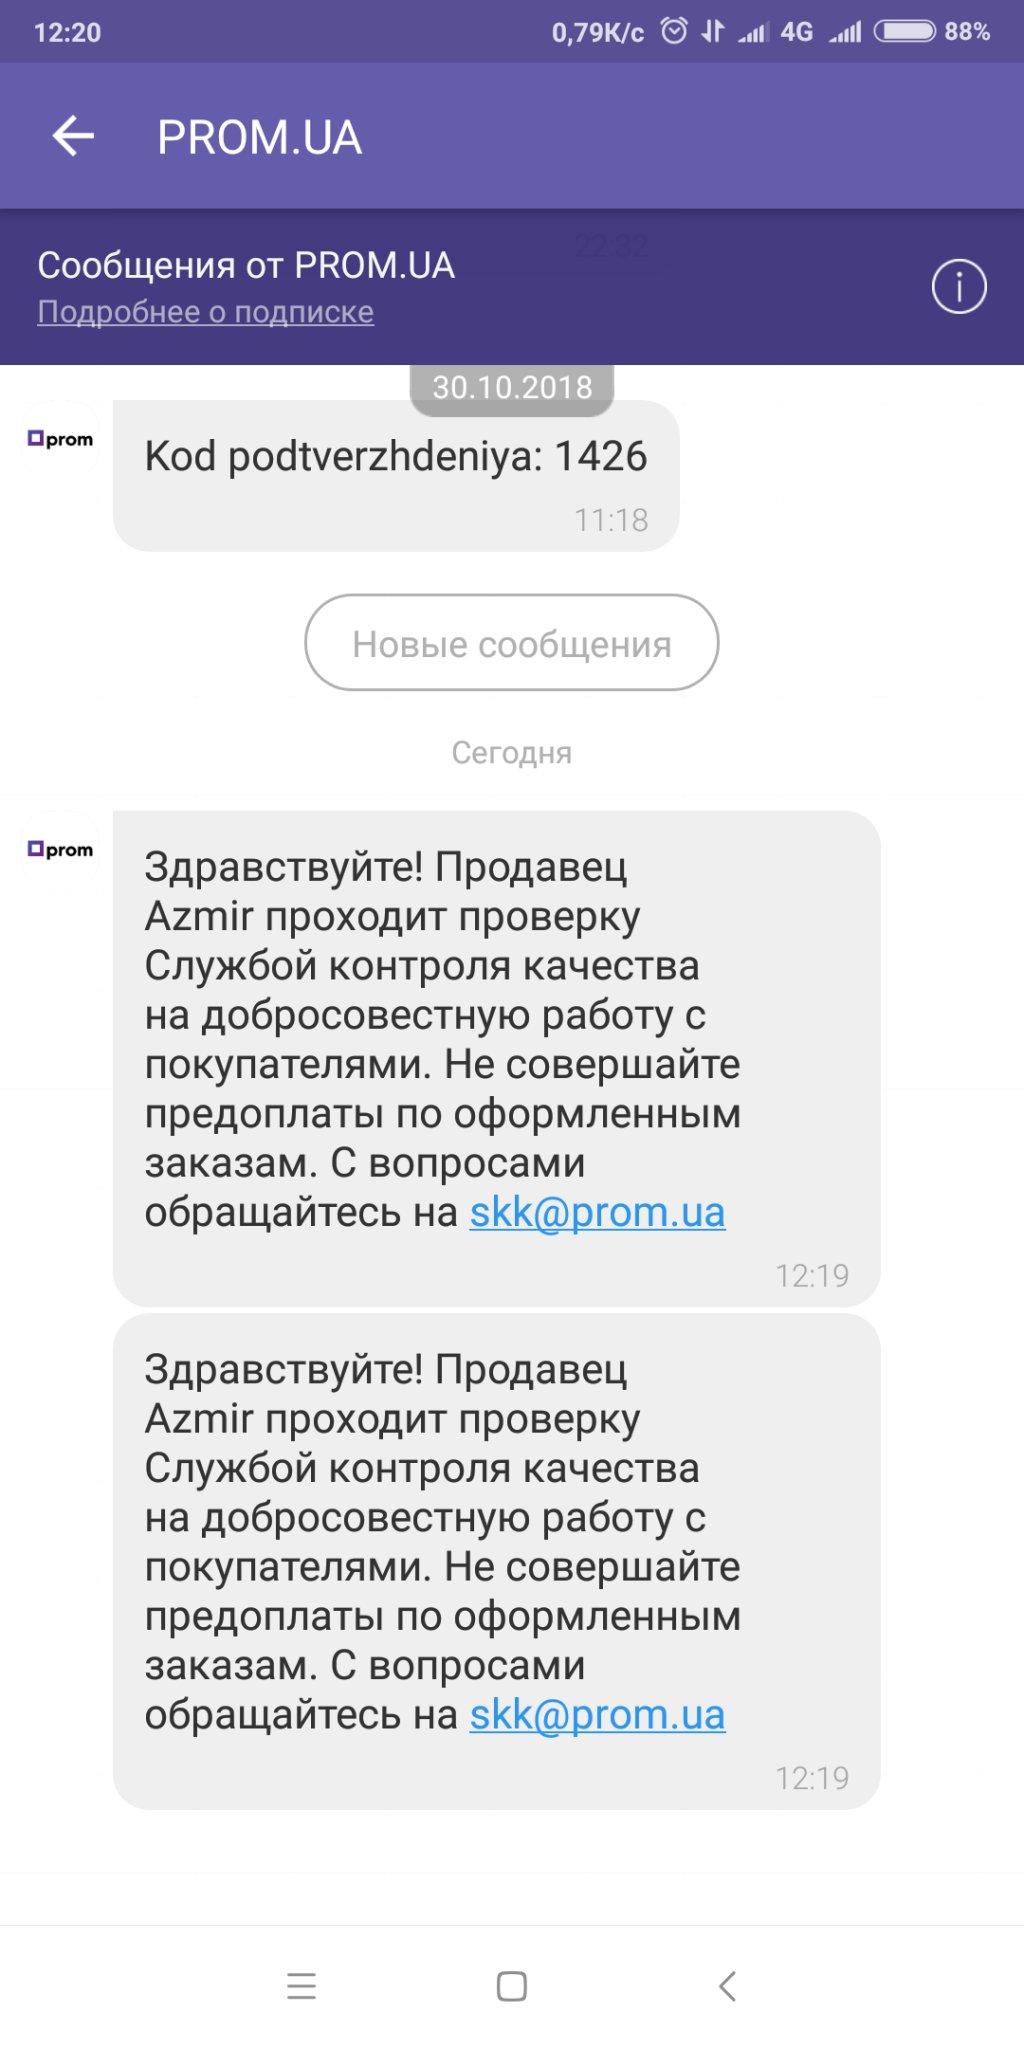 Prom.ua - Что и требовалось доказать